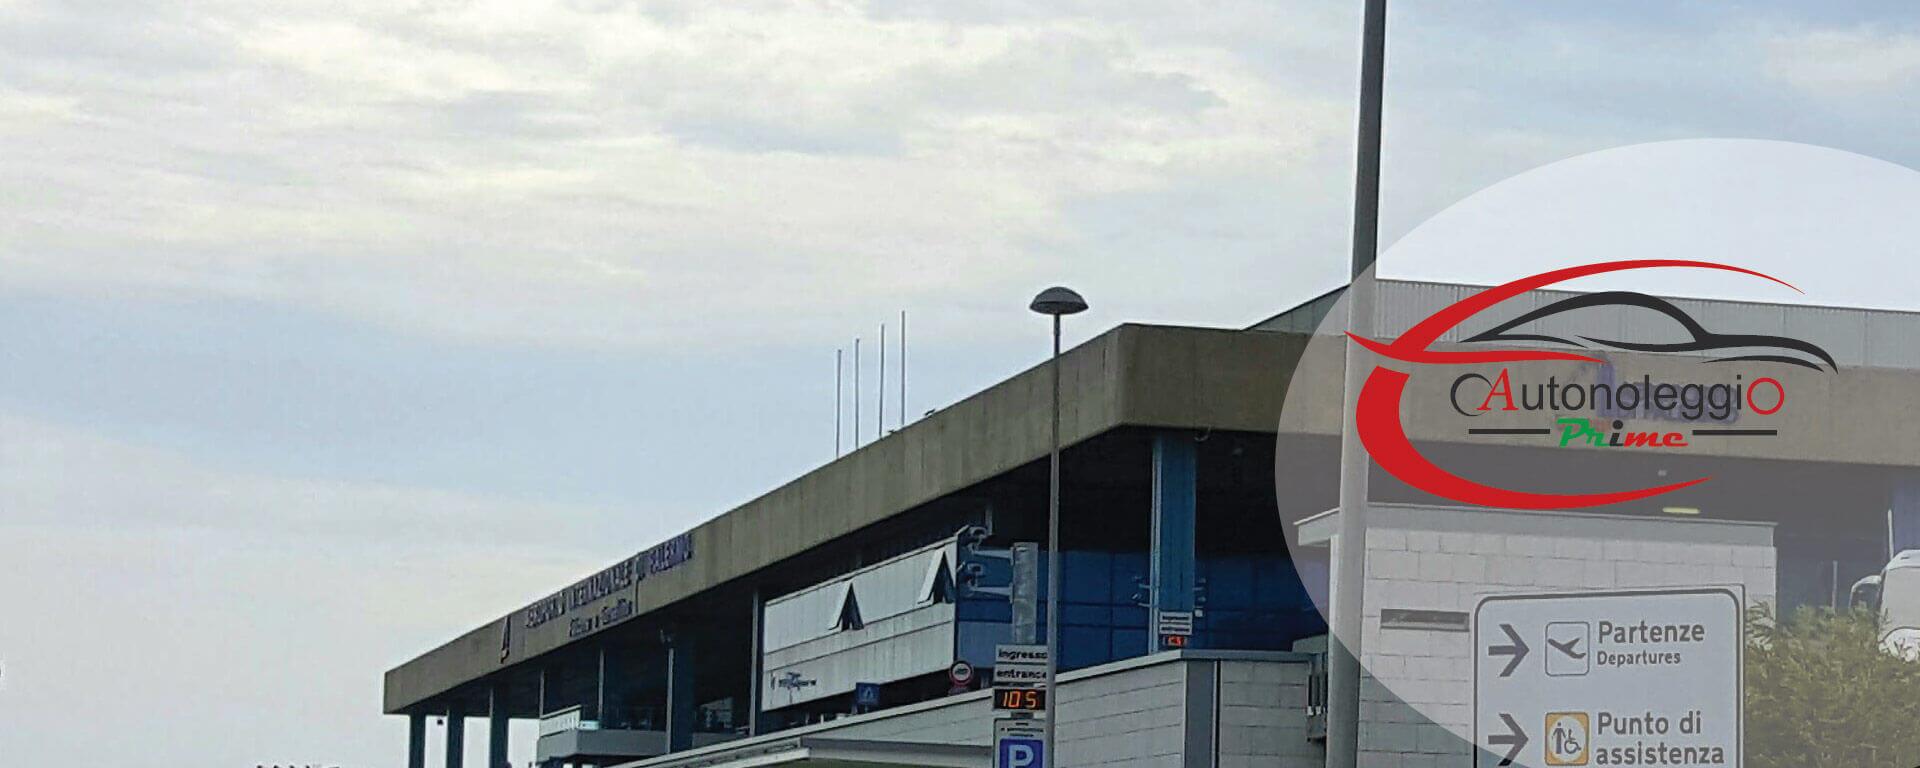 Aeroporto Palermo Punta Raisi Falcone Borsellino